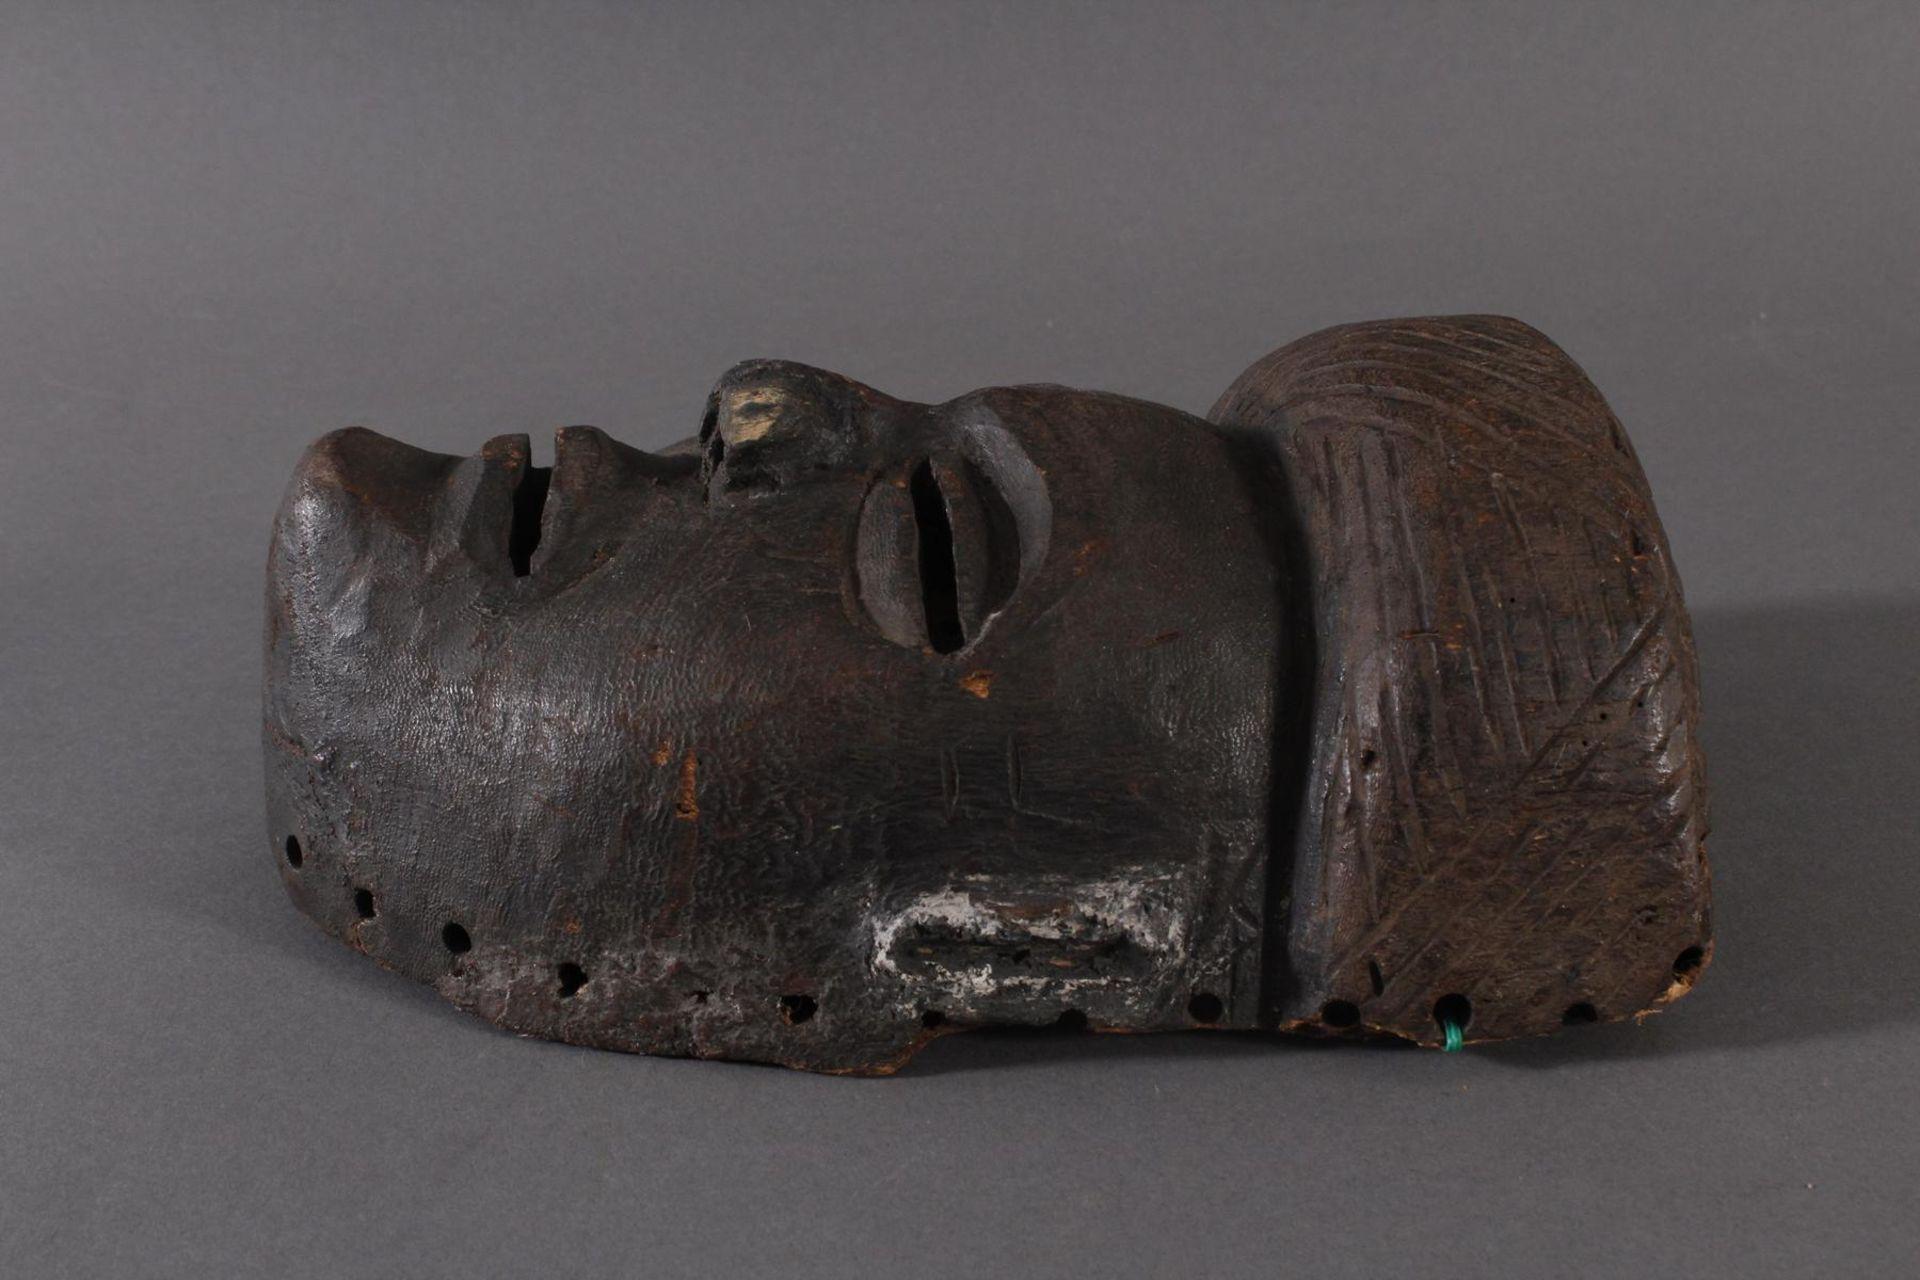 Antike Maske, Angola, Luena 20. Jh.Holz geschnitzt, dunkle Patina, Narbentatauierung, Ohren - Bild 3 aus 6